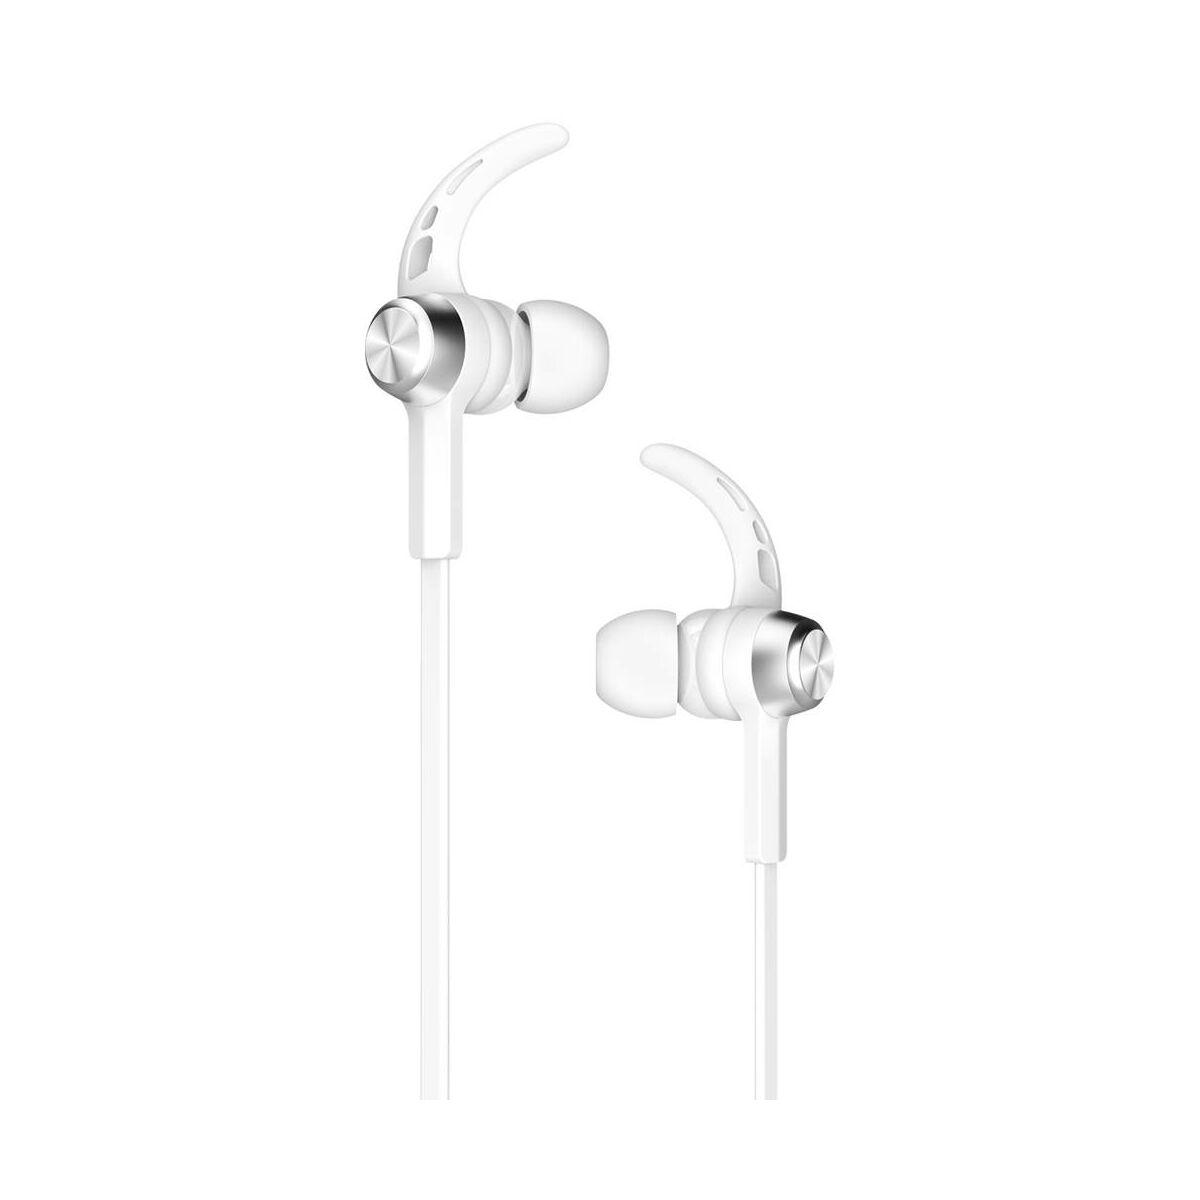 Baseus fülhallgató, Bluetooth Encok B11 Licolor Magnet, vezeték nélküli, ezüst/fehér (NGB11-02)